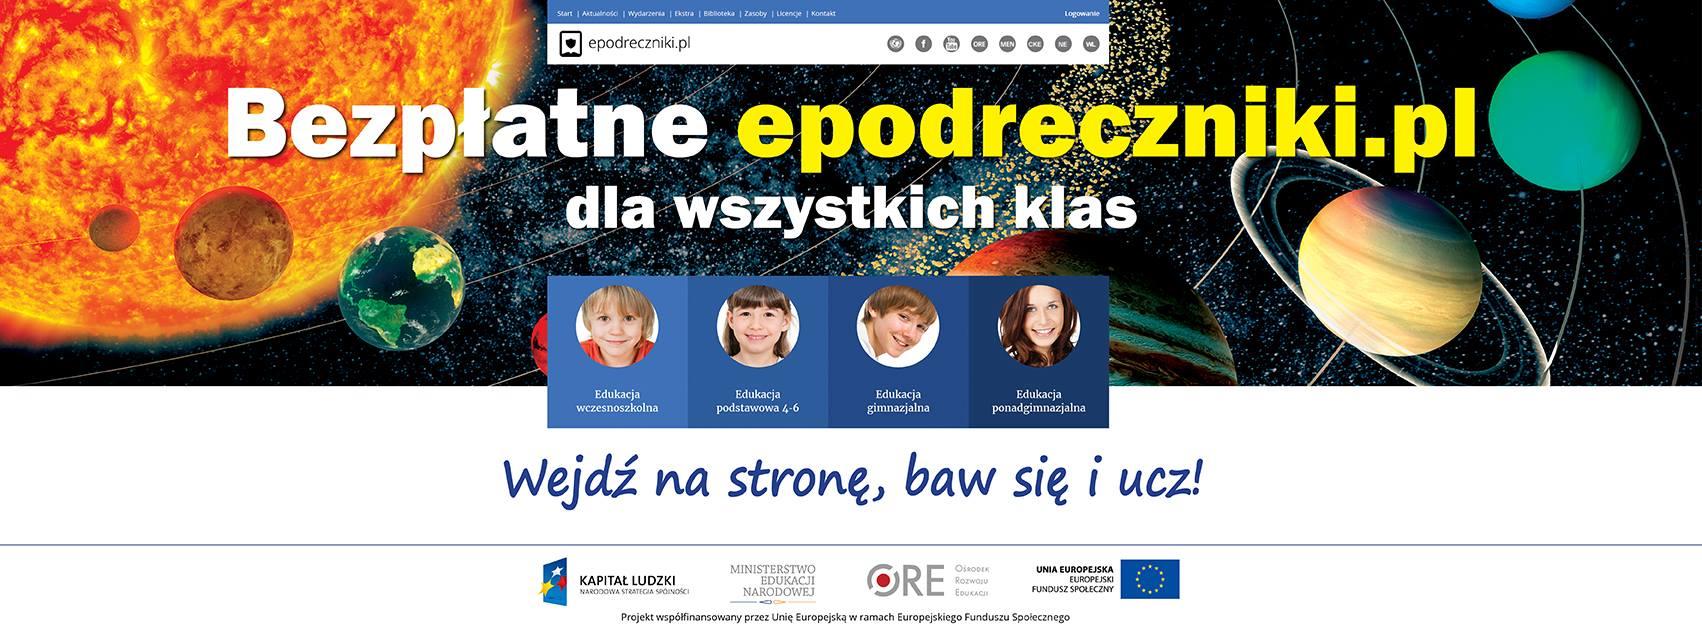 http://www.spsokolowice.szkolnastrona.pl/container/zdjecie-epodreczniki.jpg